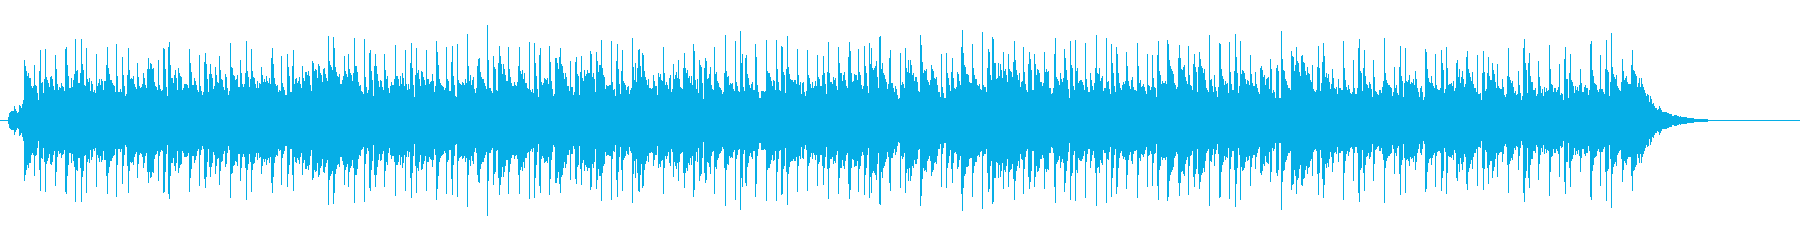 切なさが滲み出たセンチメンタル・バラードの再生済みの波形